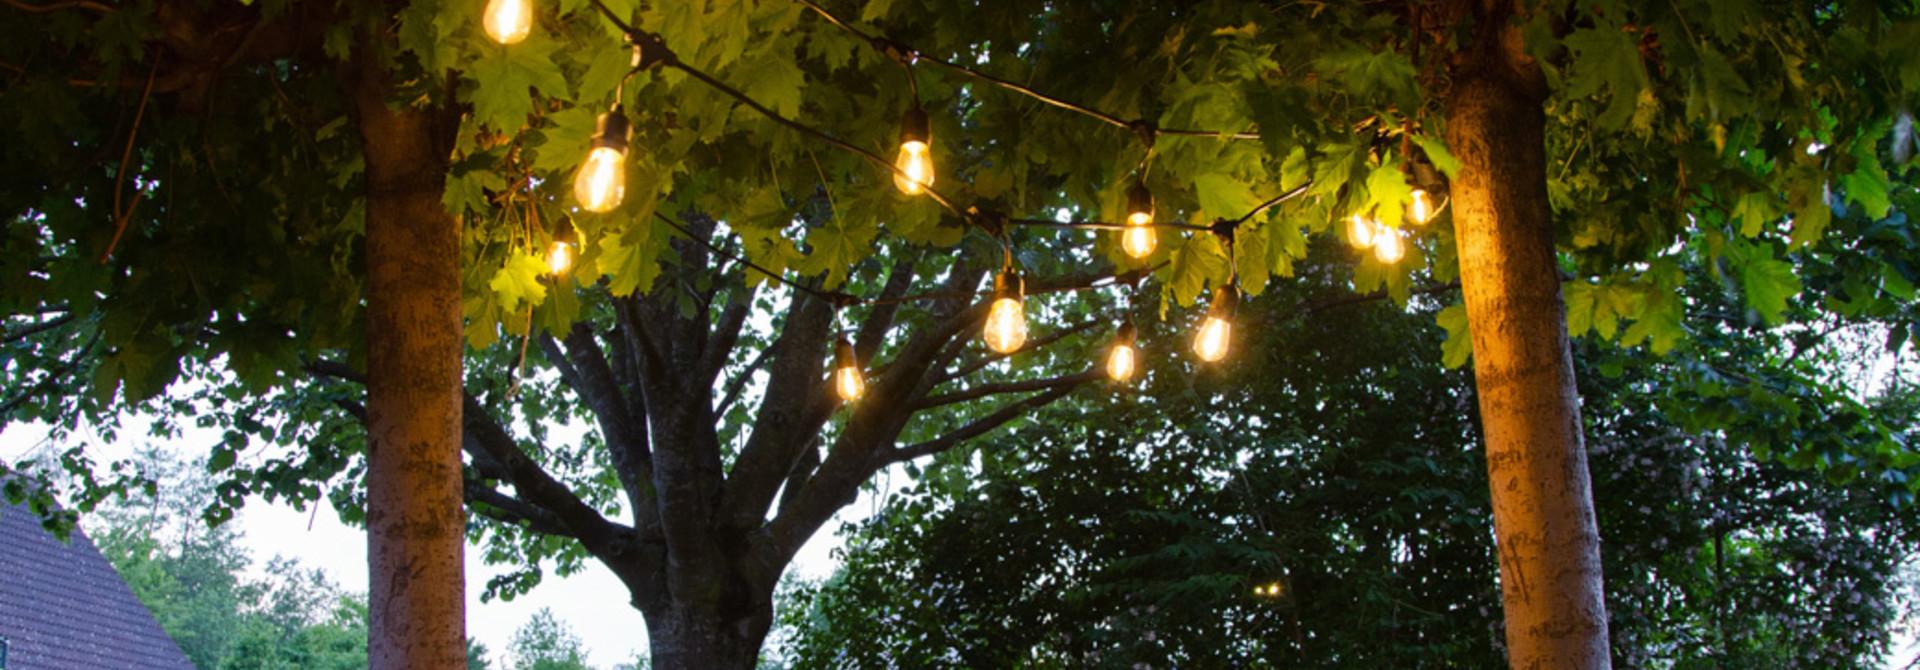 Summer night proof met onze buitenverlichting